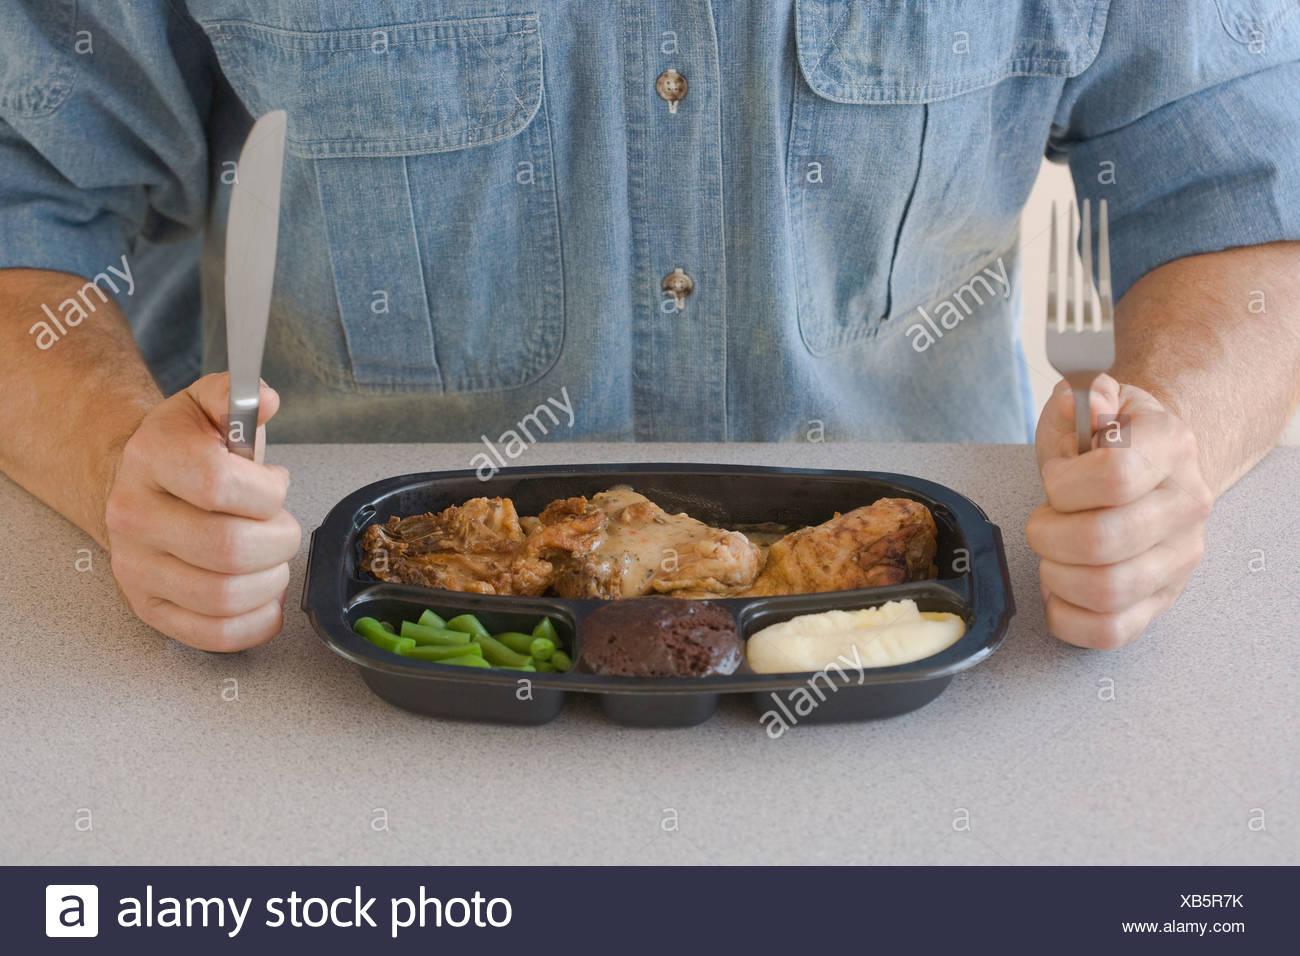 Man eating TV dinner - Stock Image